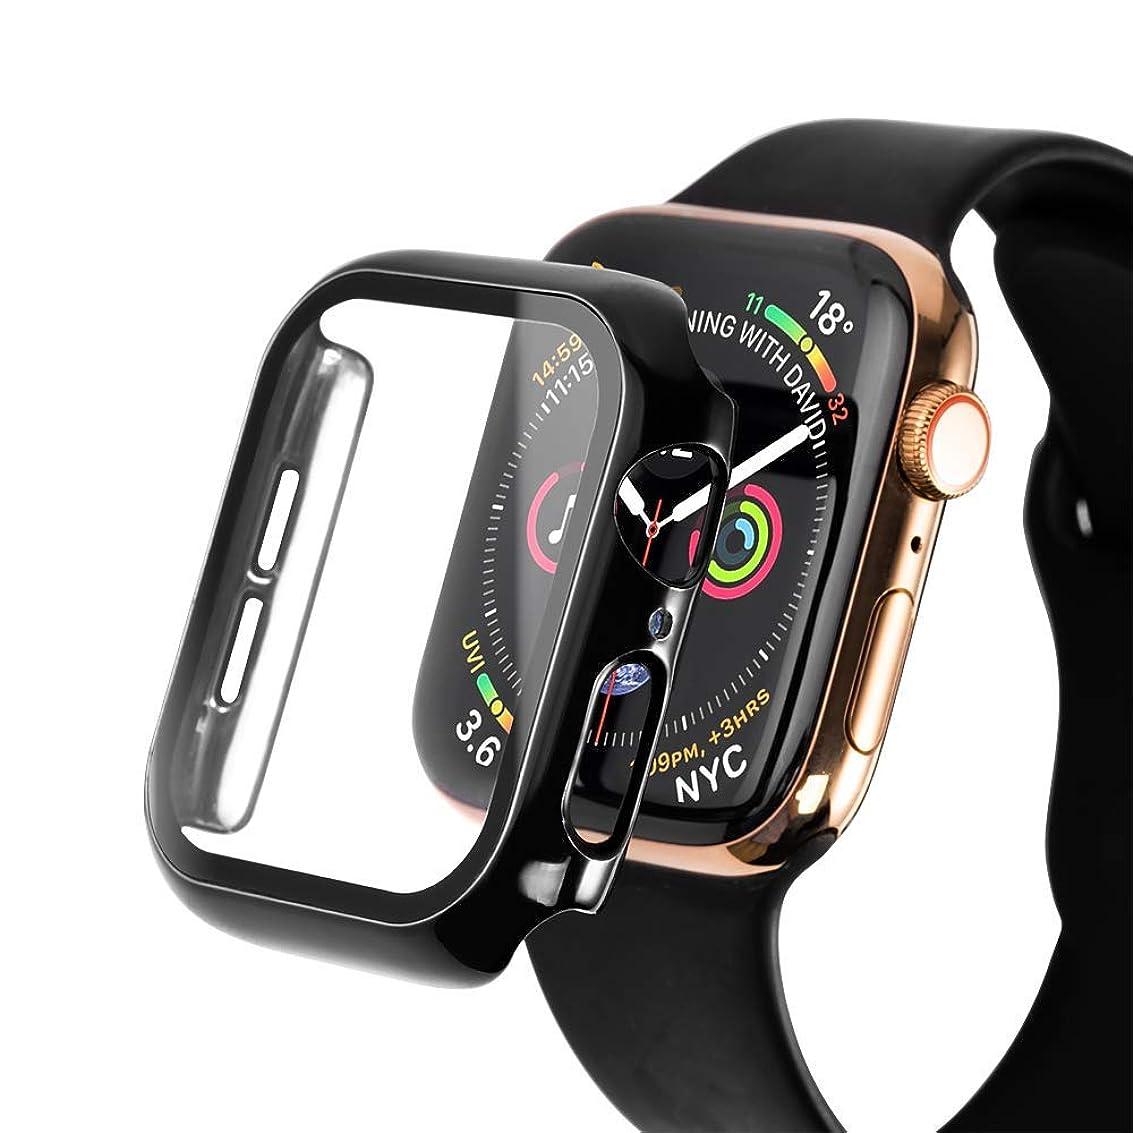 無限大深く通貨Apple Watch Series 5 44MM ケース【SLEO】液晶保護 軽量 耐久性 時計ウォッチケース 耐衝撃 PCスクリーン 全面保護 Apple Watch シリーズ 5 カバー(44mm ブラック)